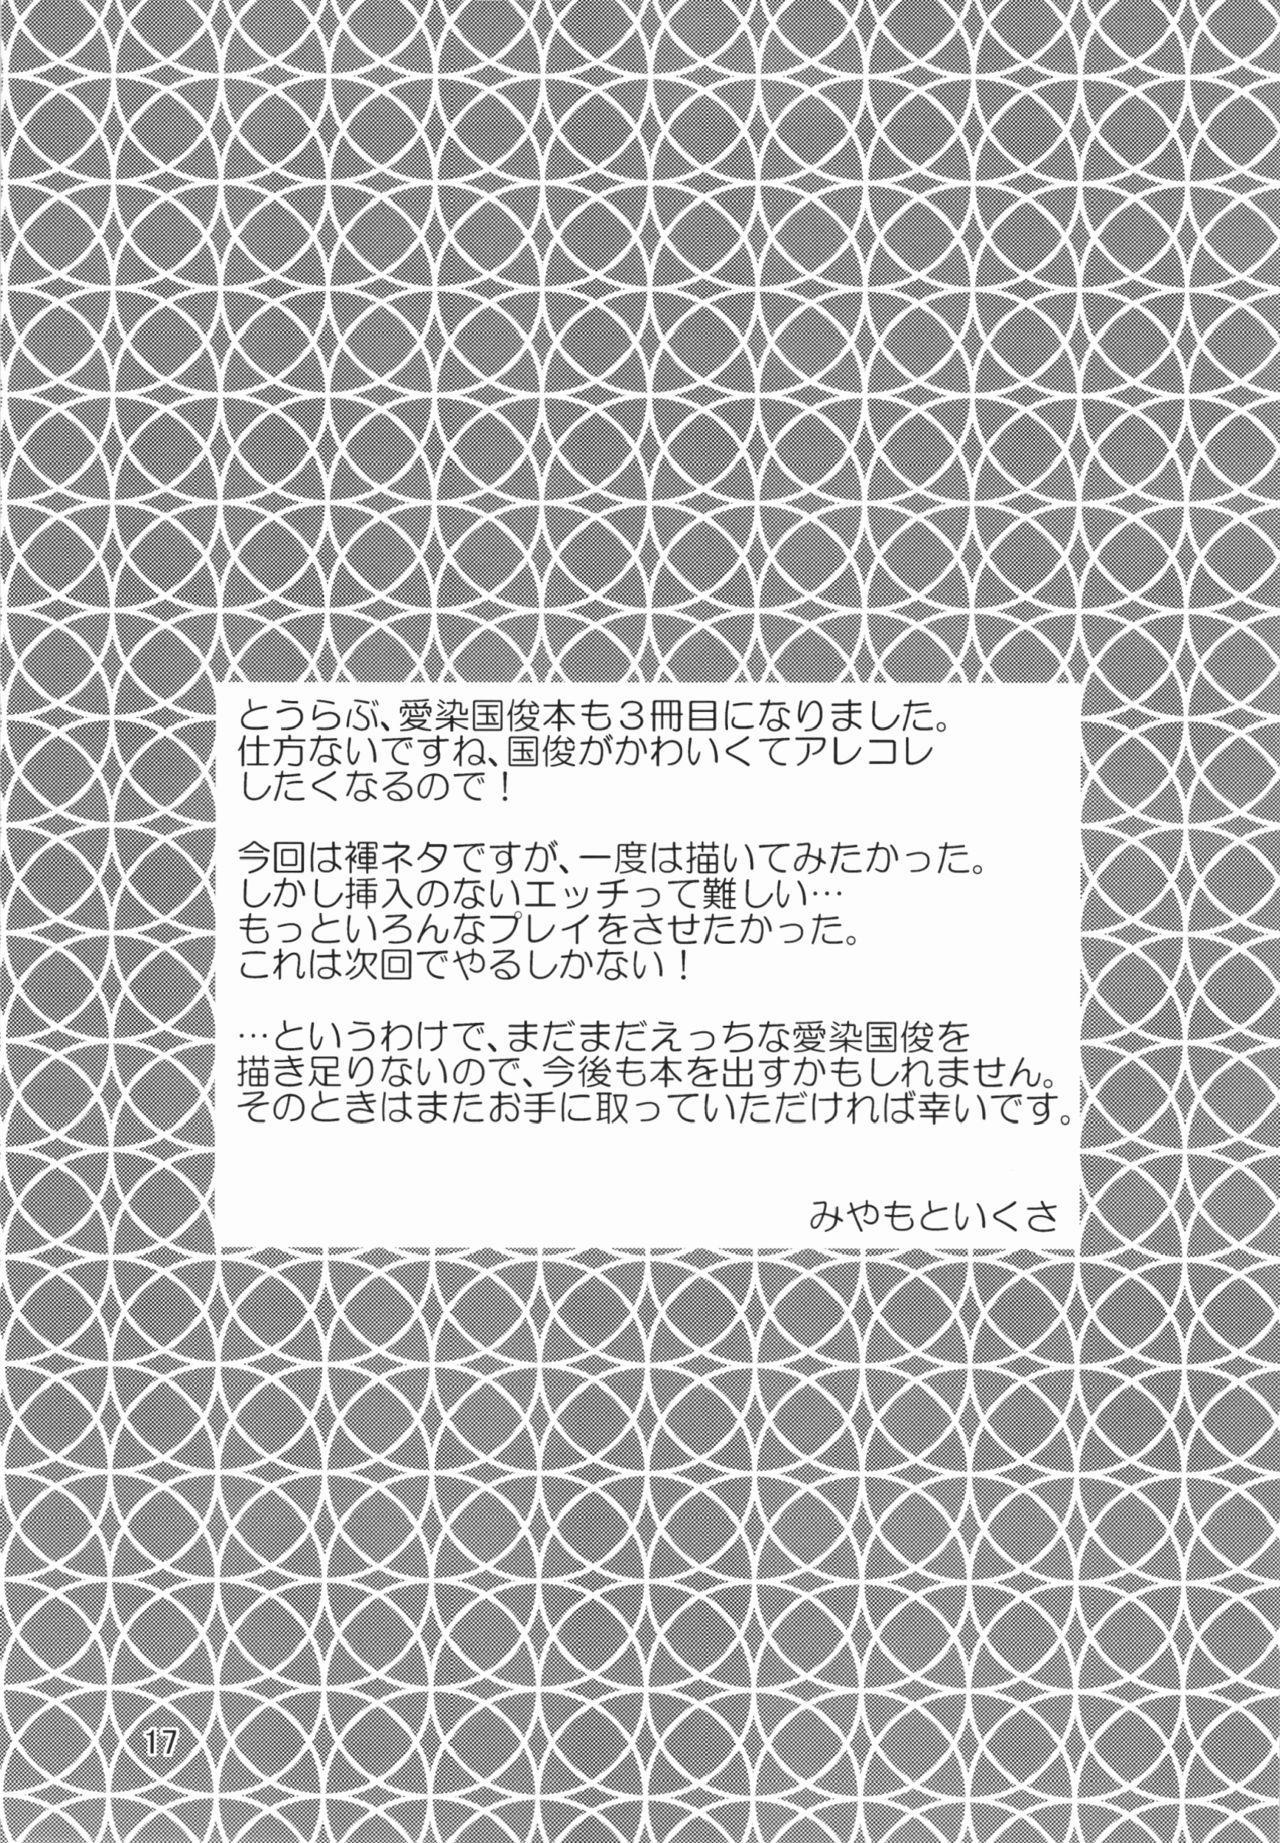 (Shota Scratch 27) [Side:M (Miyamoto Ikusa)] Atsu~ku Aishite (Touken Ranbu) 【初见汉化】[Chinese] [Shotachan] 15